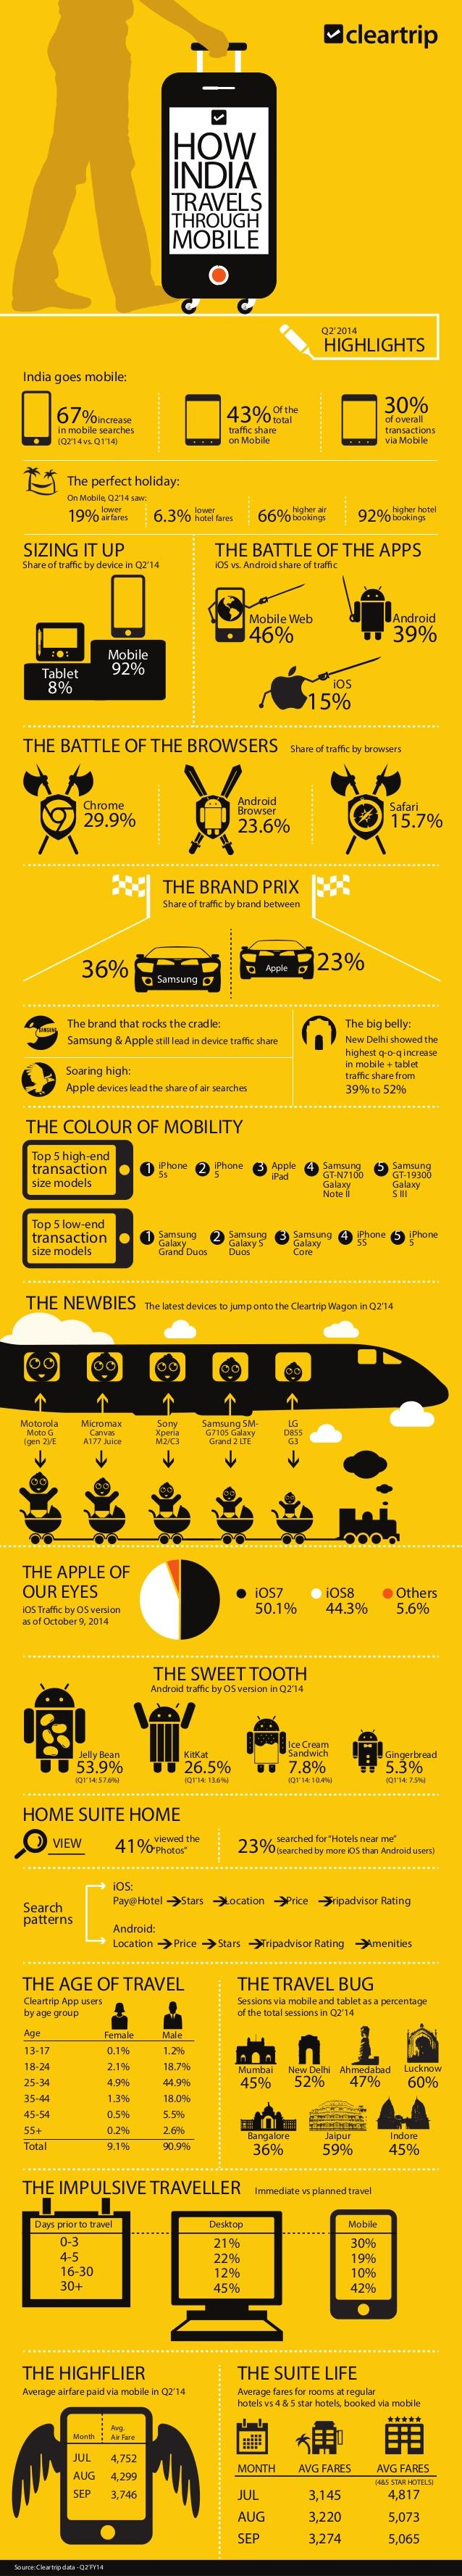 Turismo en la India y el teléfono móvil